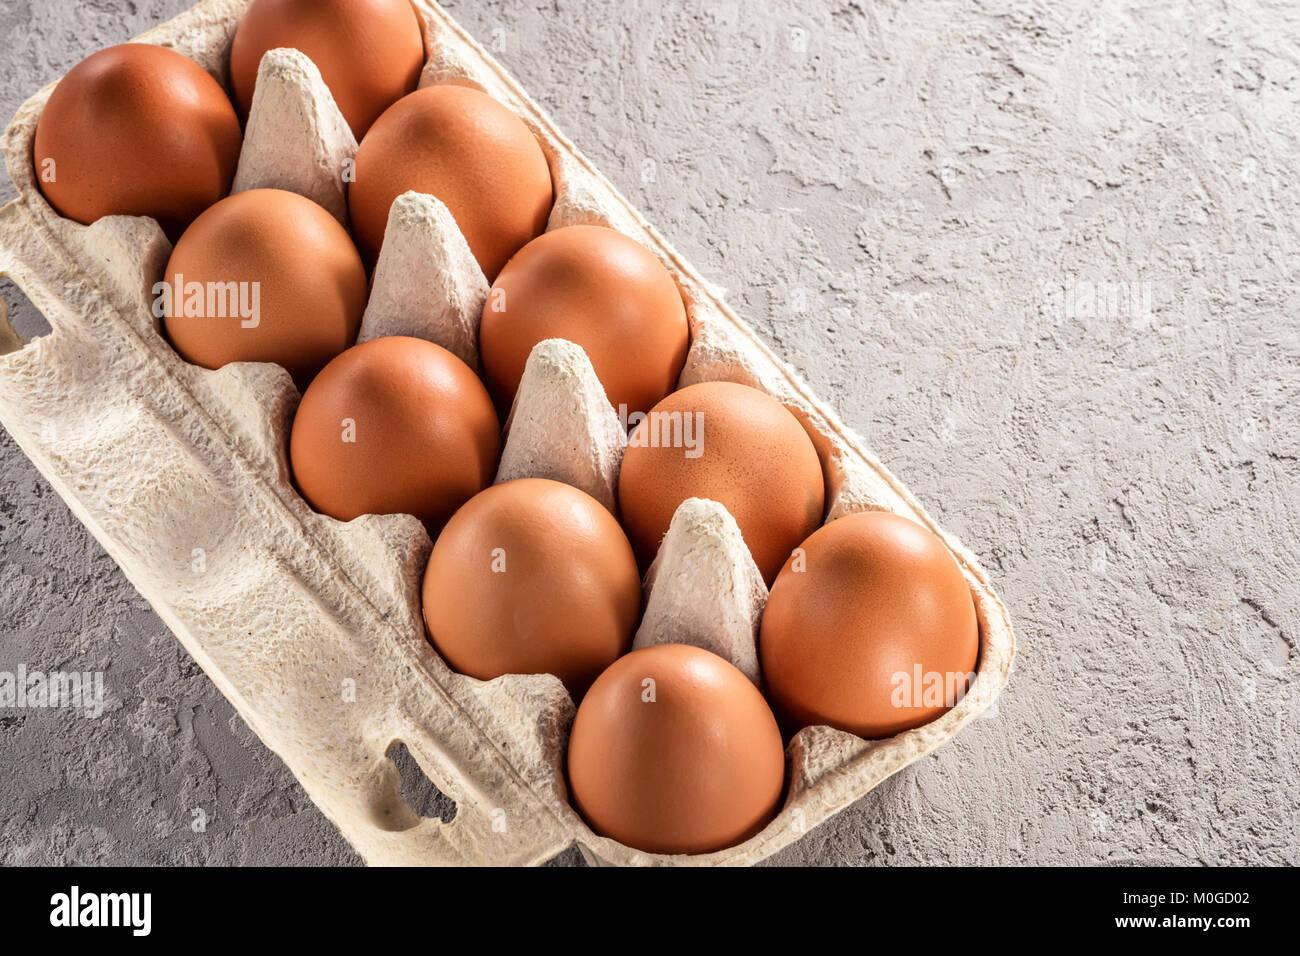 Farm raw fresh egg in pack on gray table scrambled eggs omelet fried egg - Stock Image